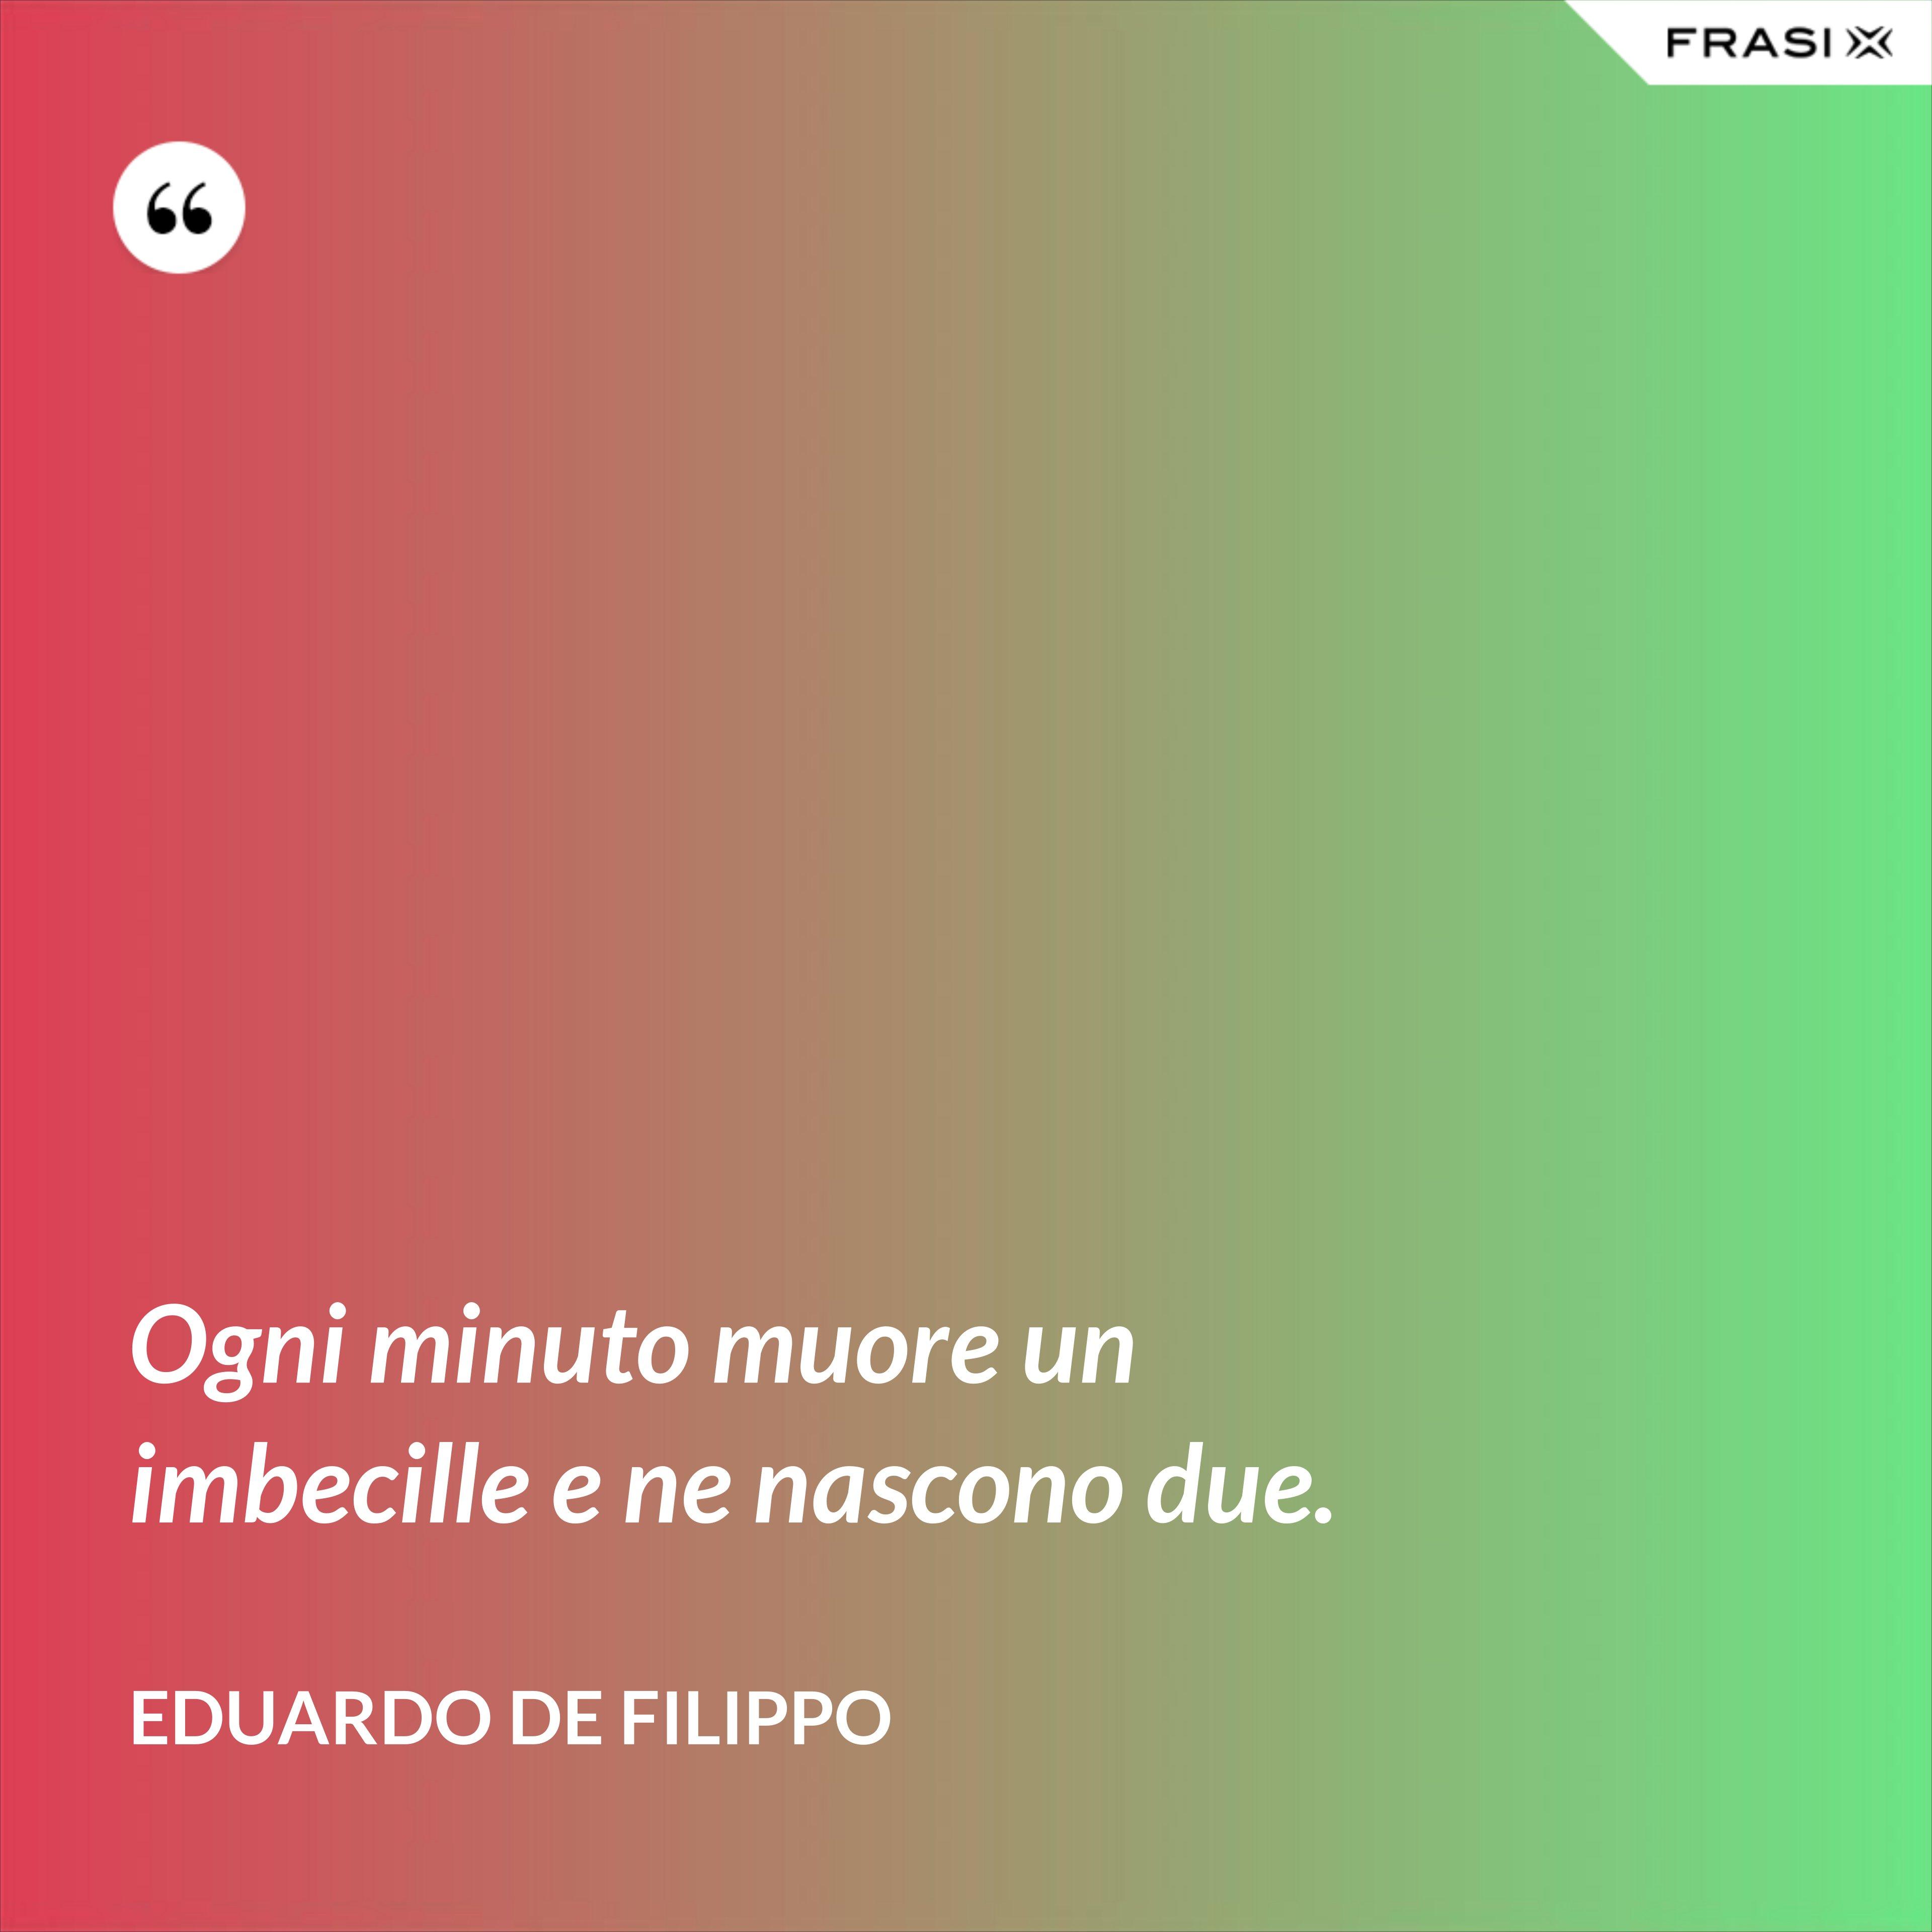 Ogni minuto muore un imbecille e ne nascono due. - Eduardo De Filippo